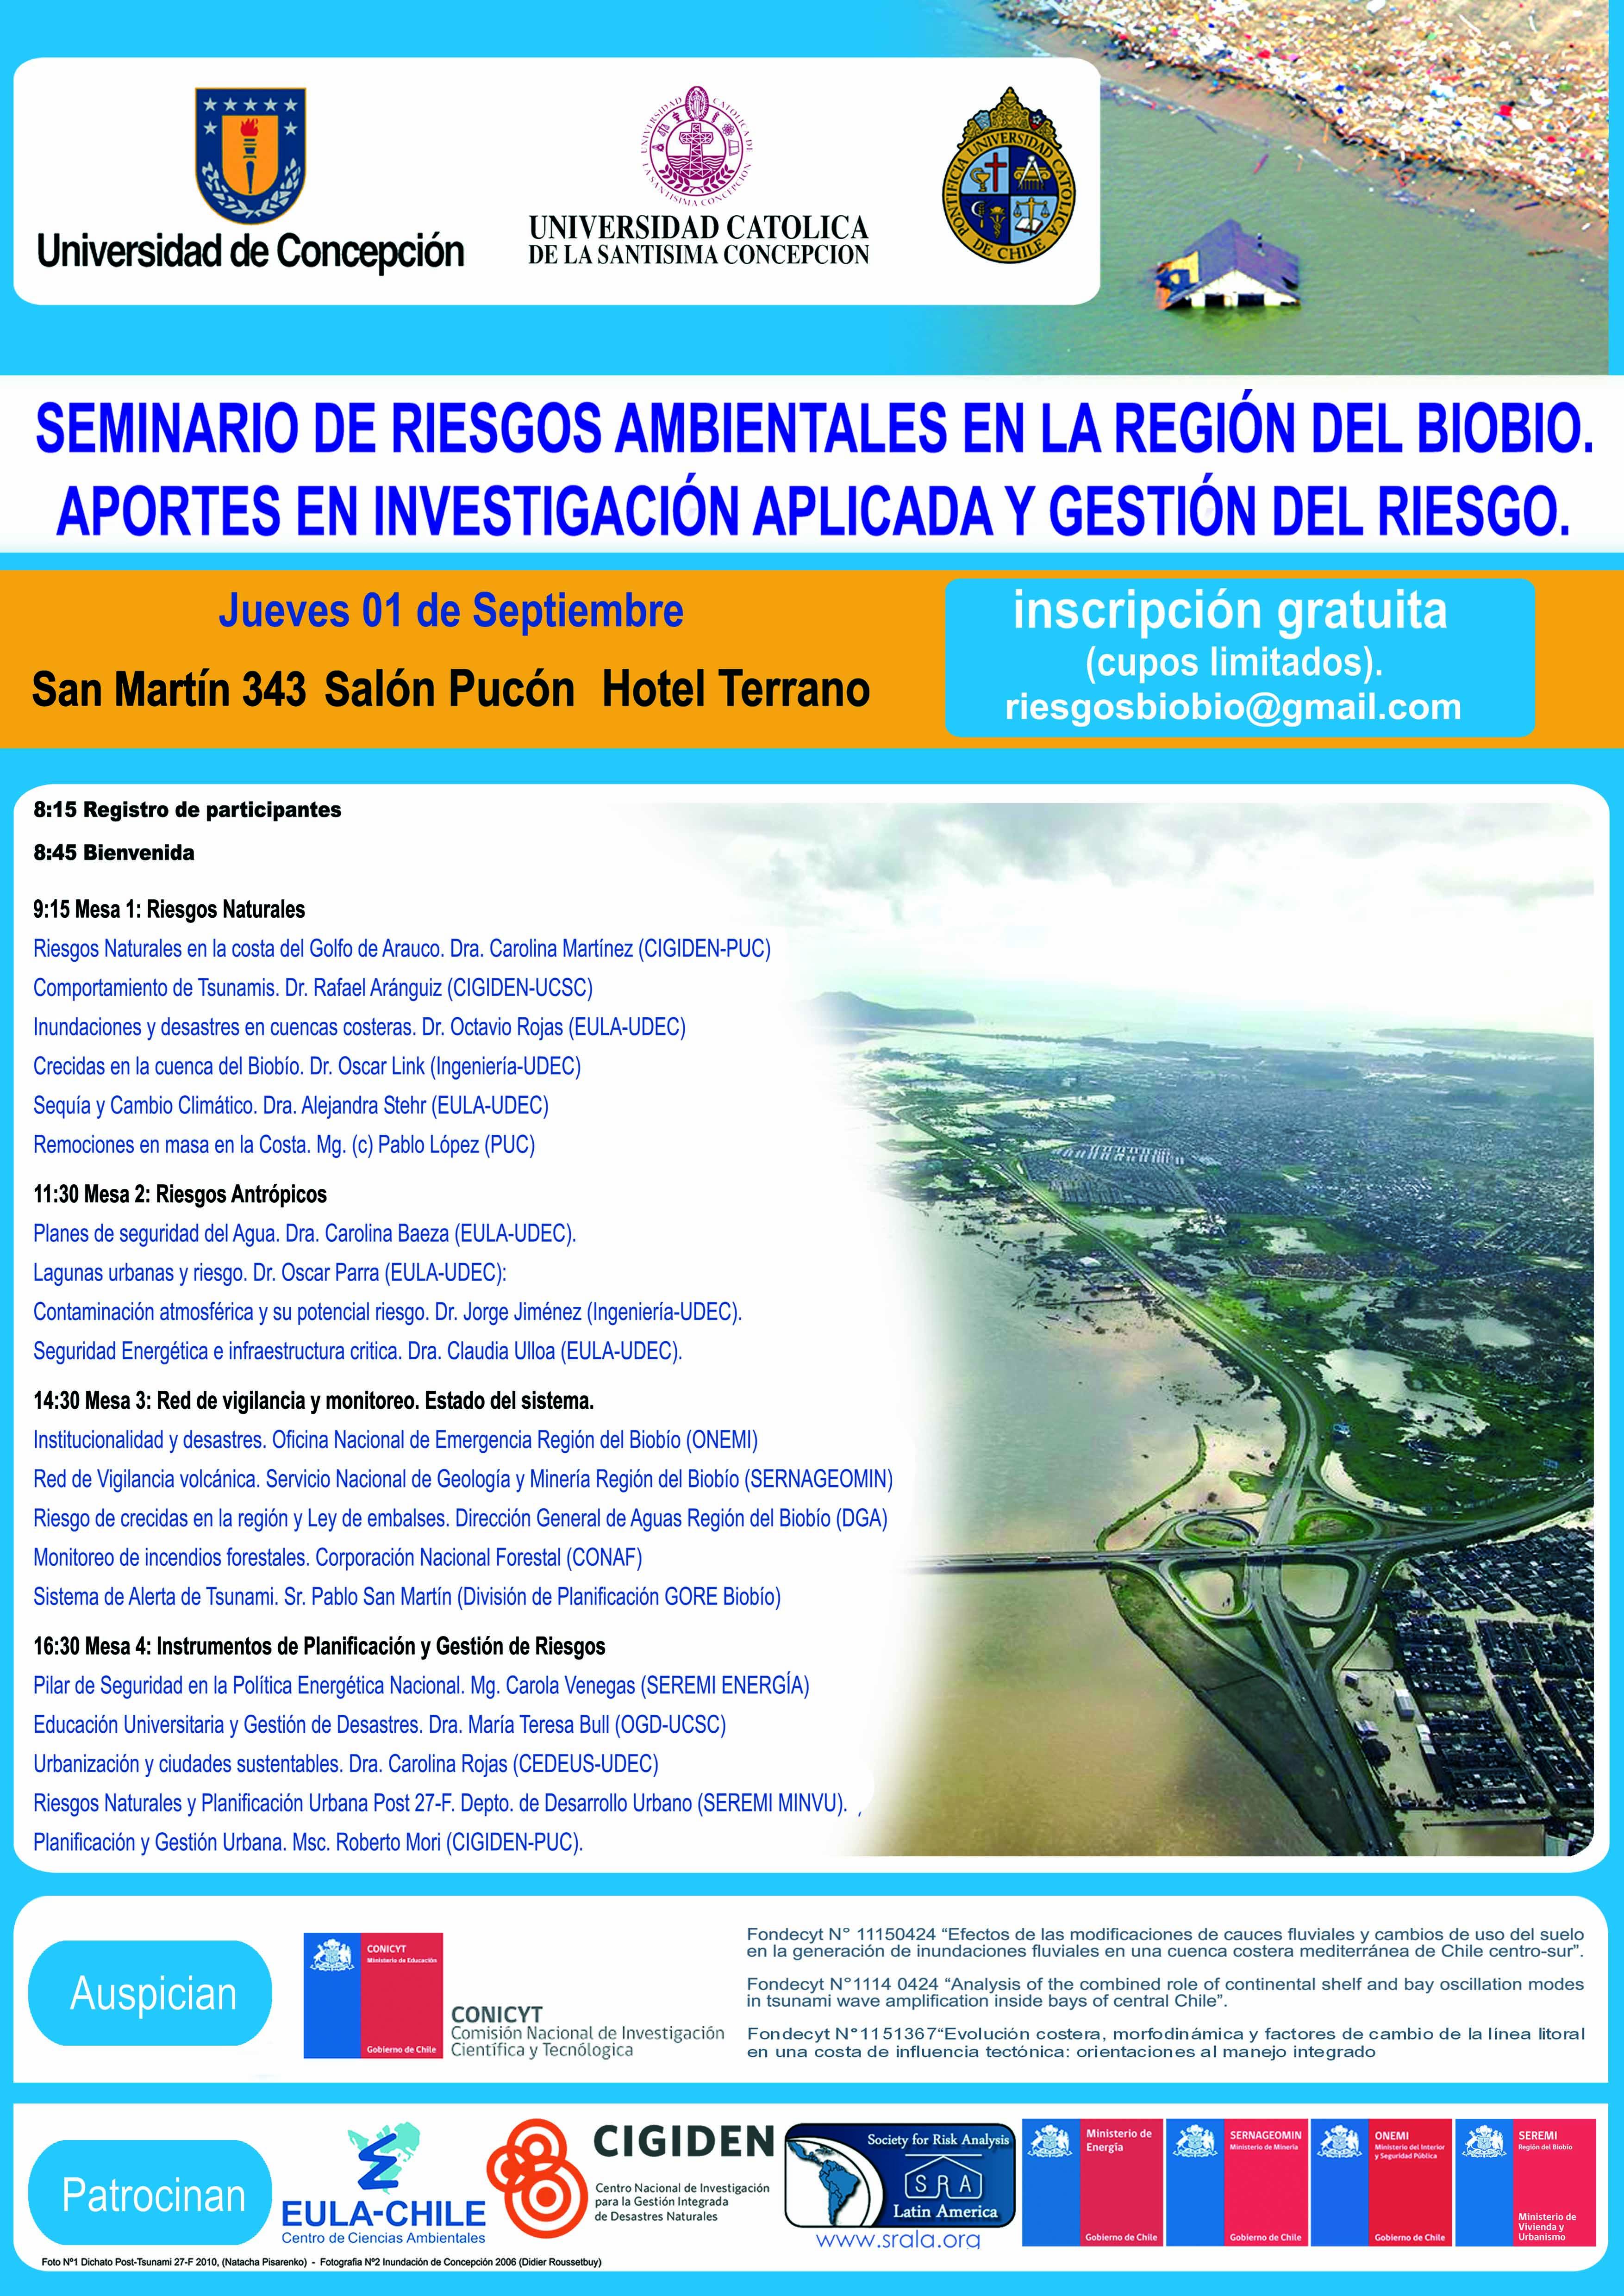 Seminario Riesgos Ambientales en la Región del Biobío. Aportes en Investigación Aplicada y Gestión del Riesgo.